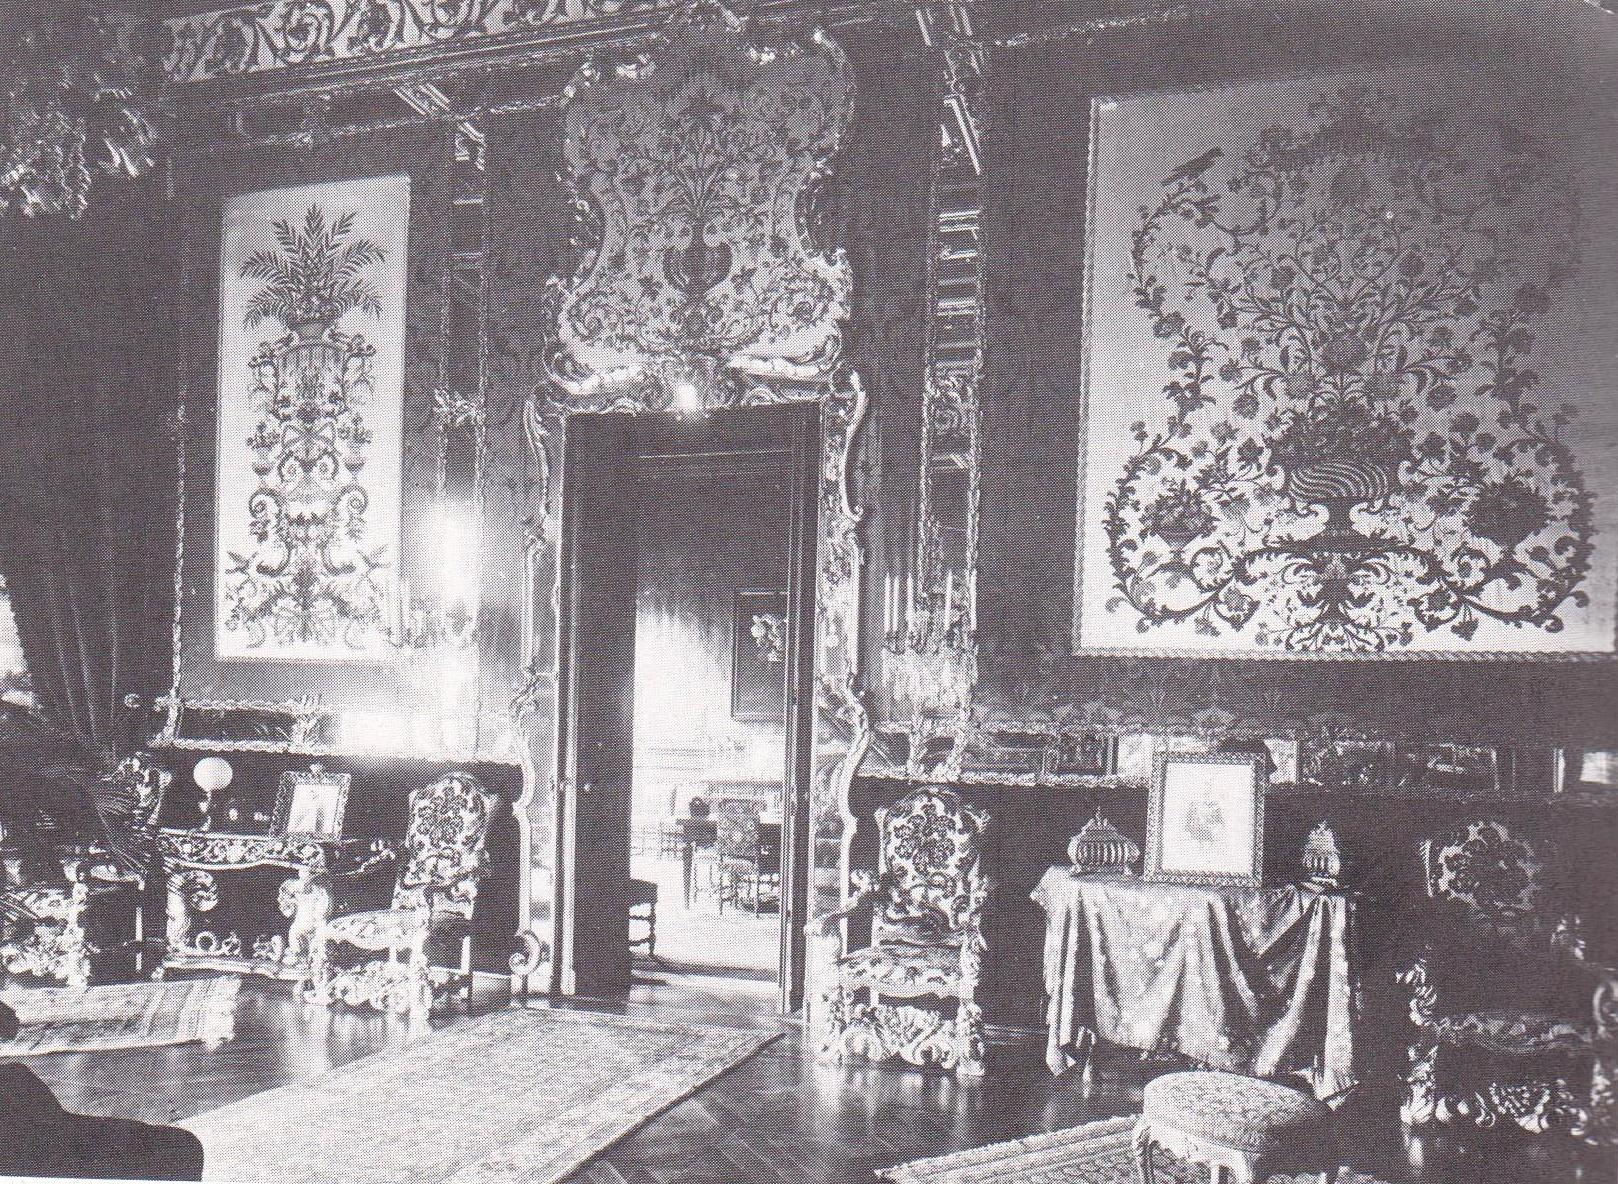 rocaille-blog-palazzo-brancaccio-museo-arte-orientale-72